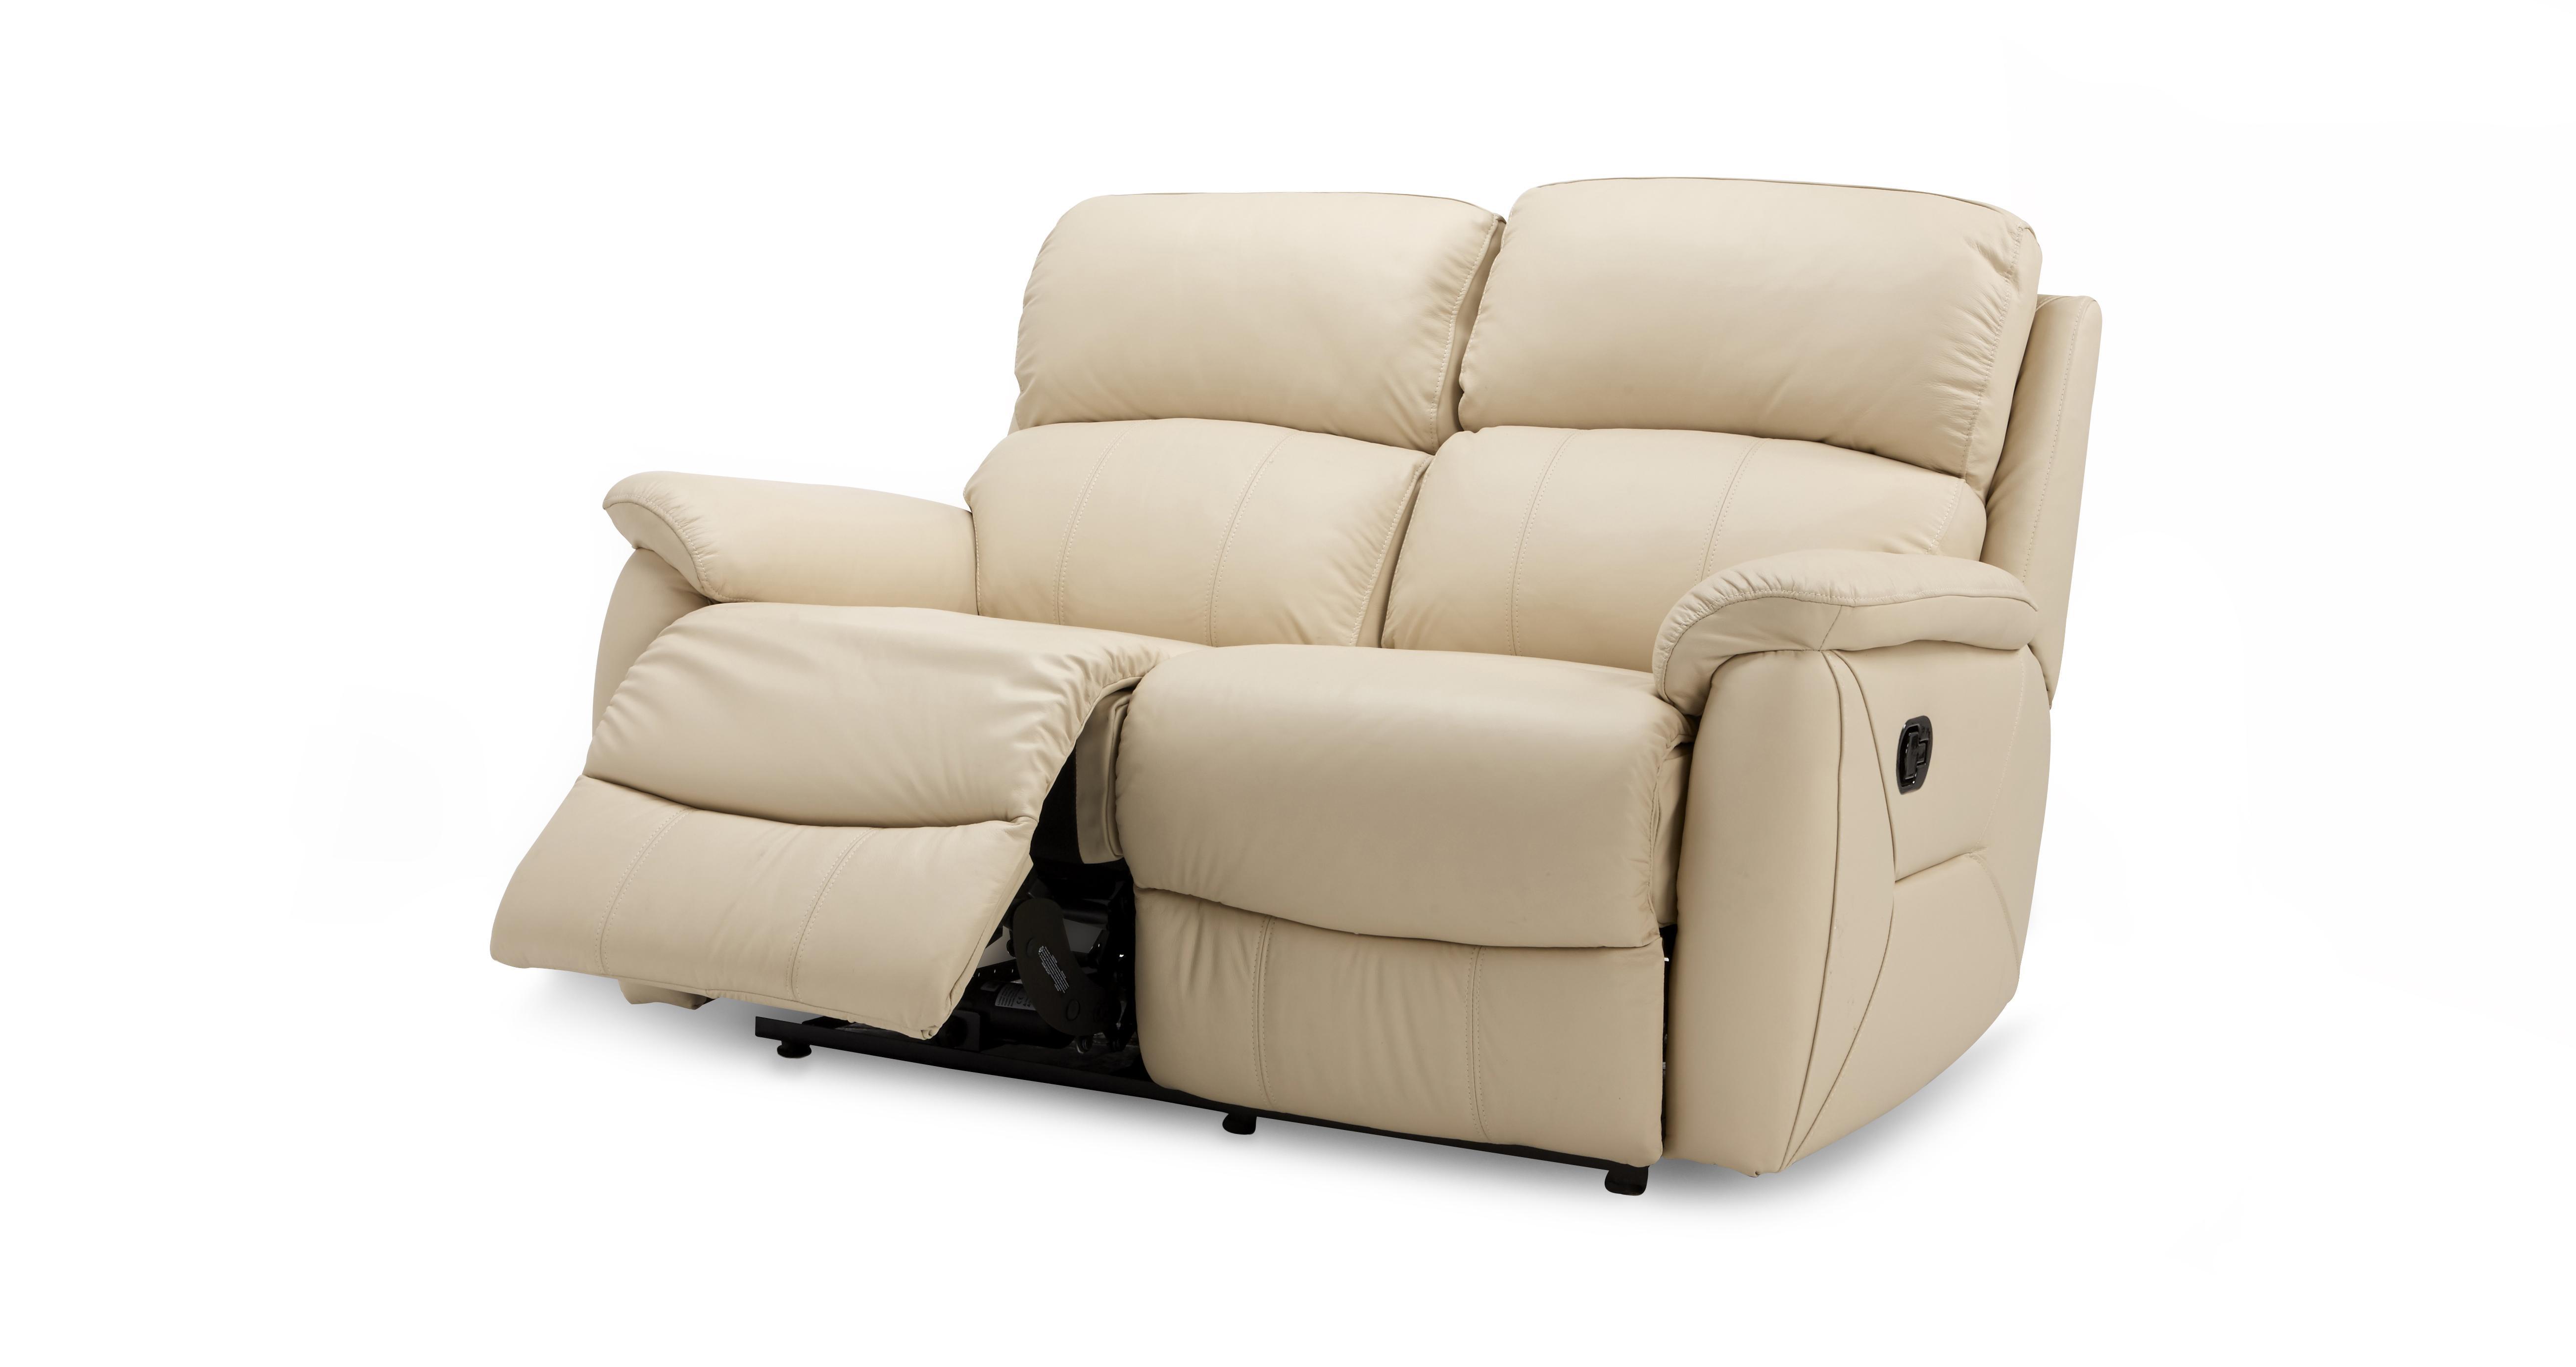 dfs navona sofa reviews orthopedic sofas uk 2 seater manual recliner peru